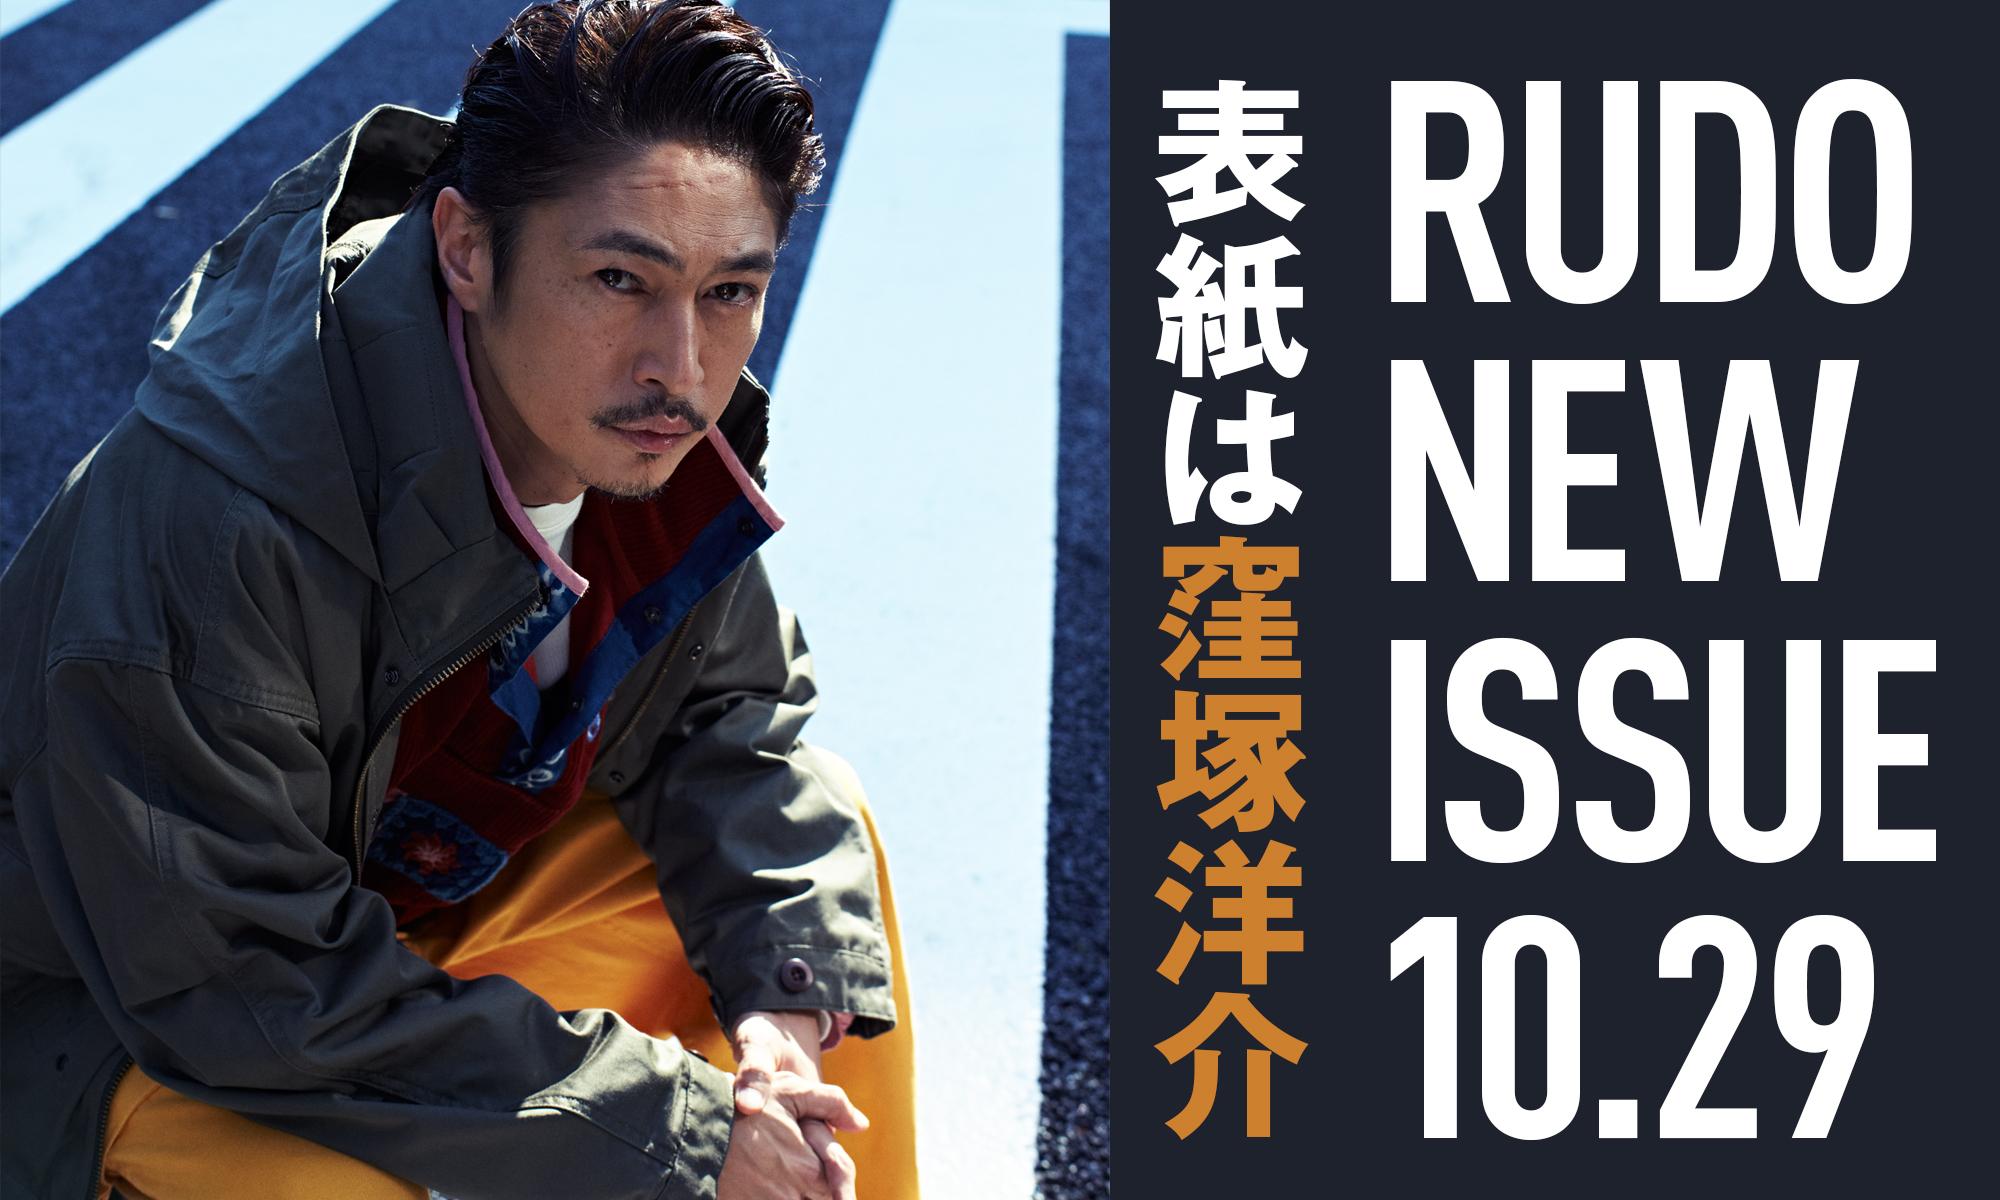 雑誌『RUDO 2019AW』10月29日リリース!